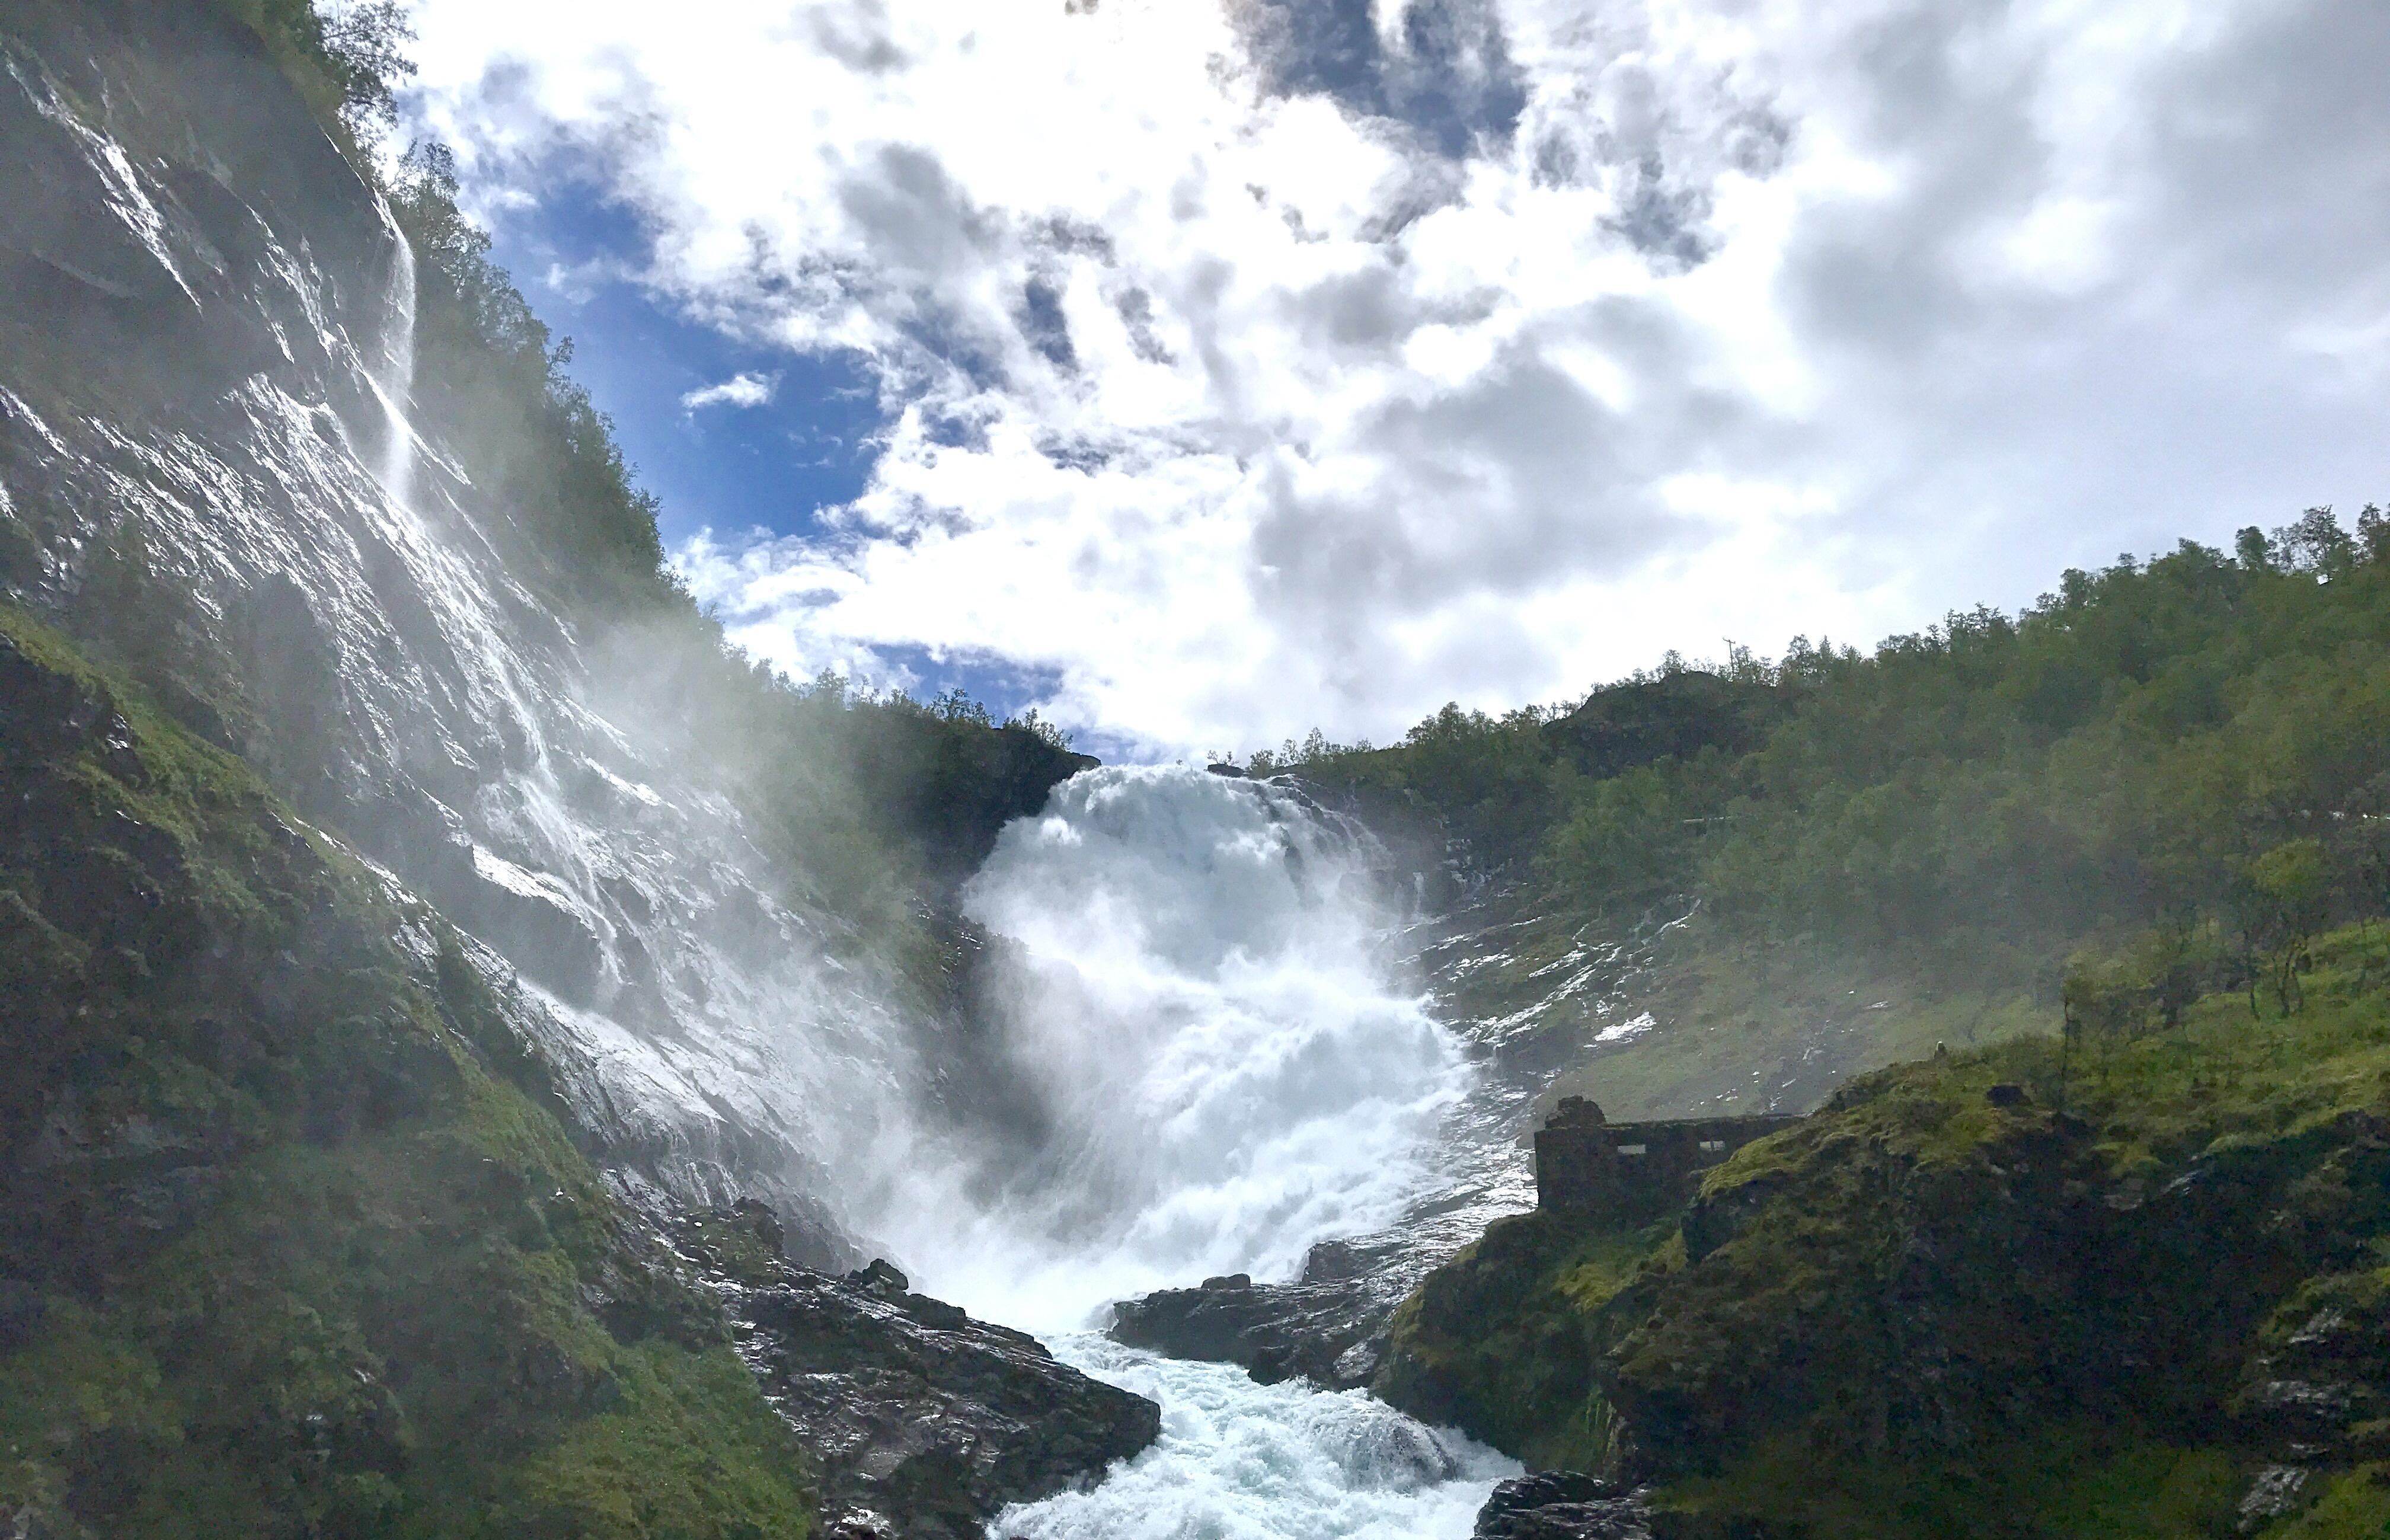 waterfall_norway_in_a_nutshell_lustforthesublime